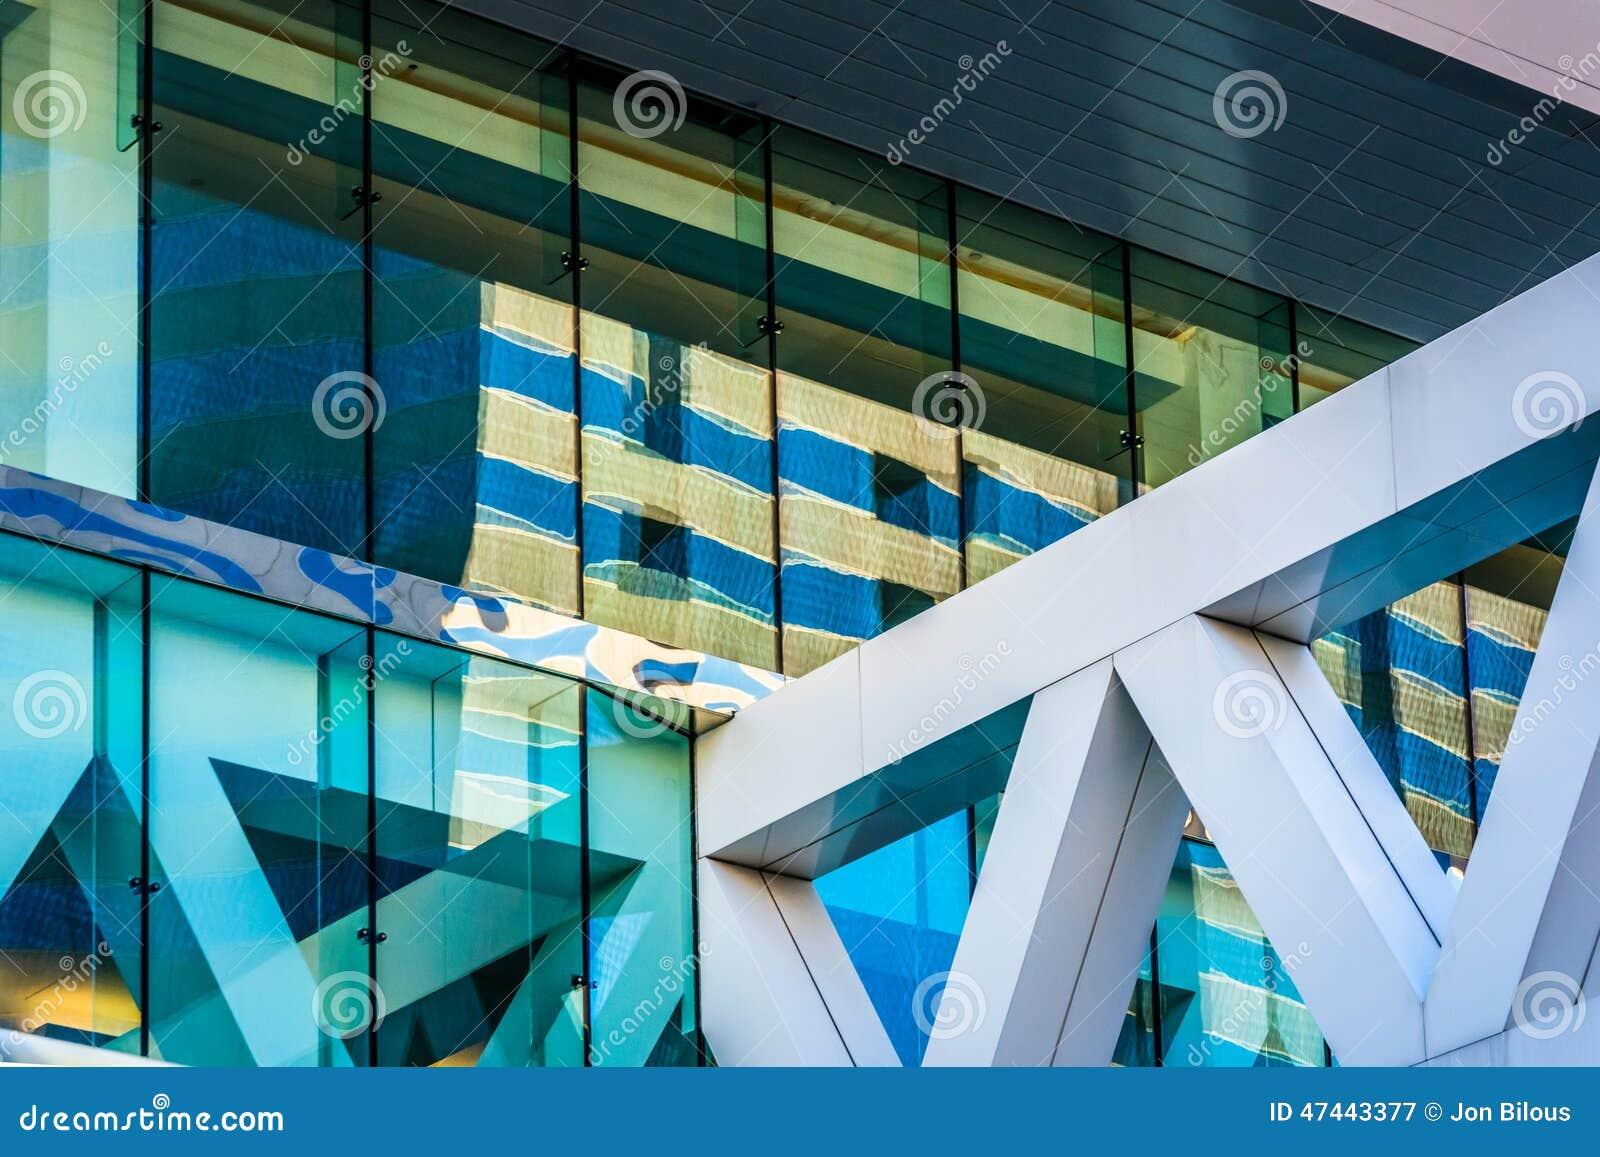 Architekturdetails Convention Center s in Baltimore, Mrz